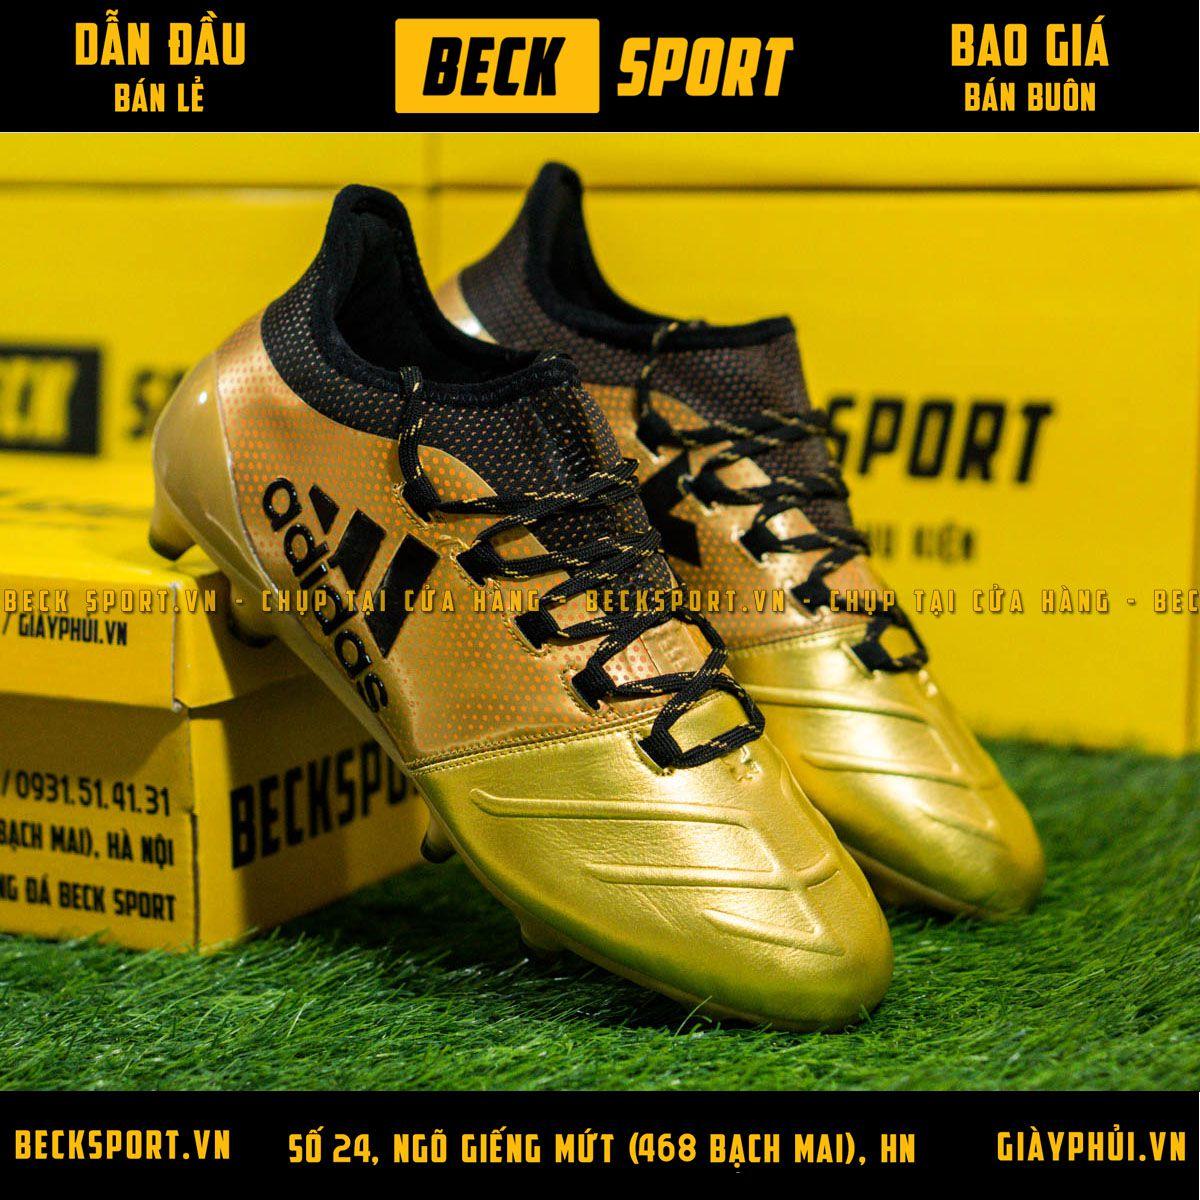 Giày Bóng Đá Adidas X 17.3 Đồng Chấm Bi Đen FG